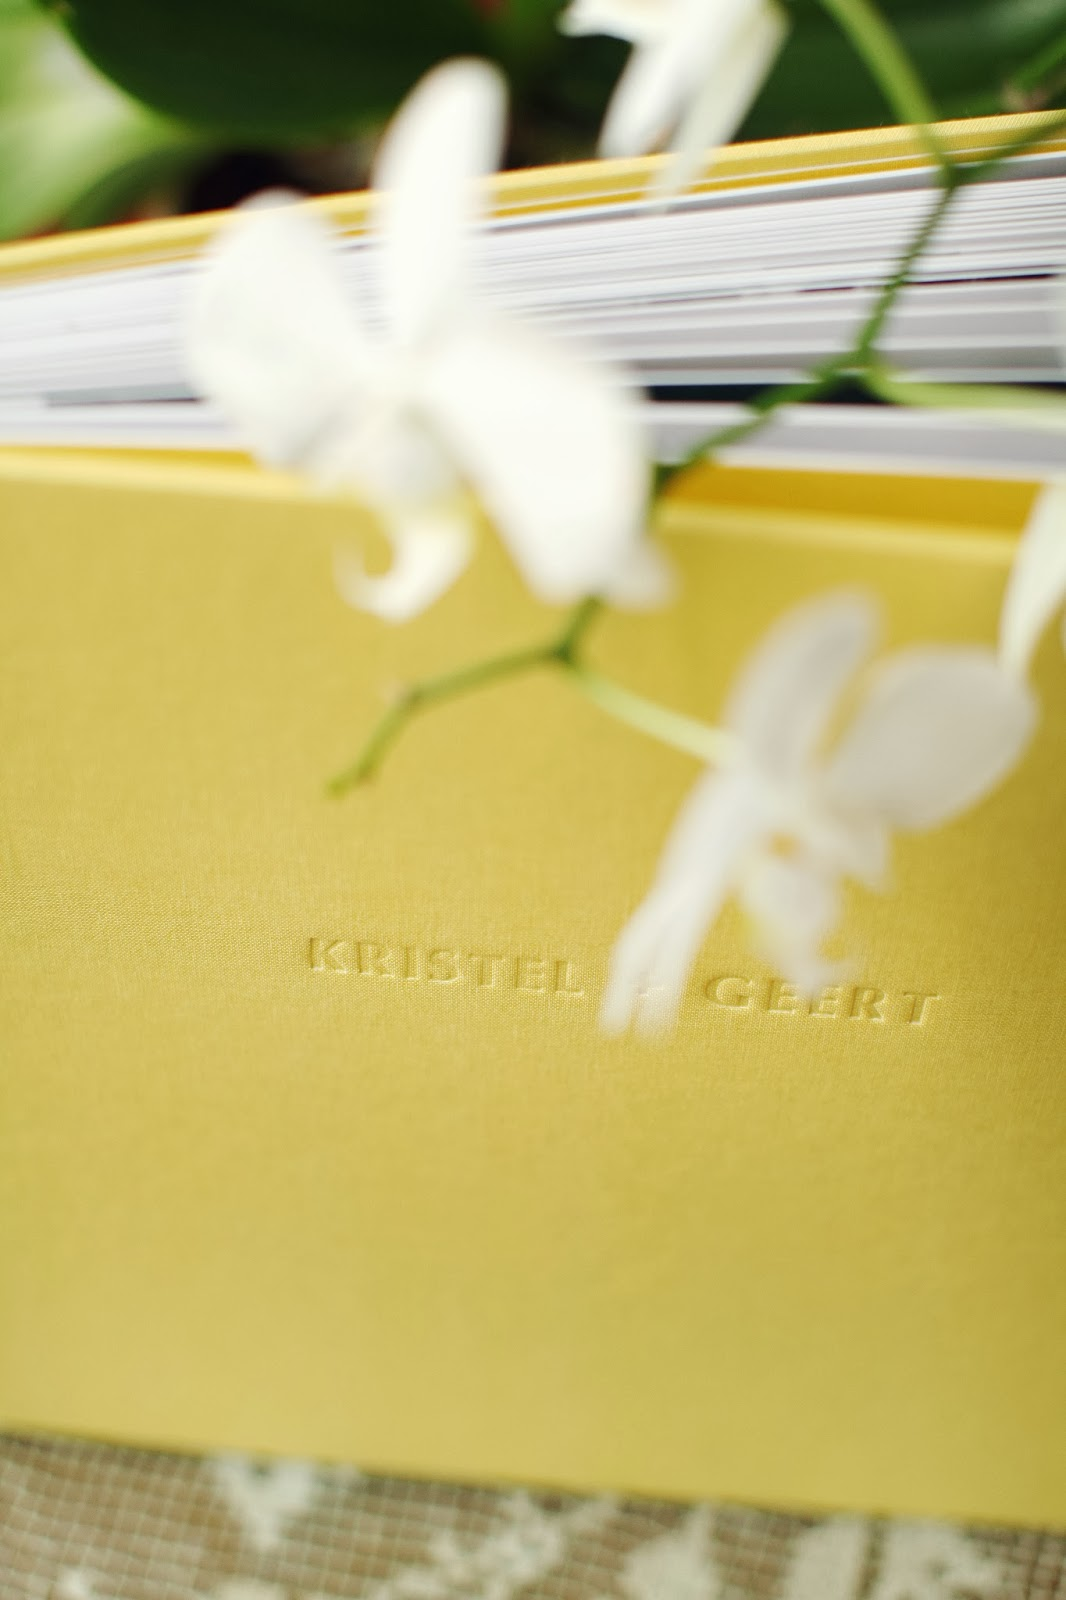 linnen+cover+detail2.jpg